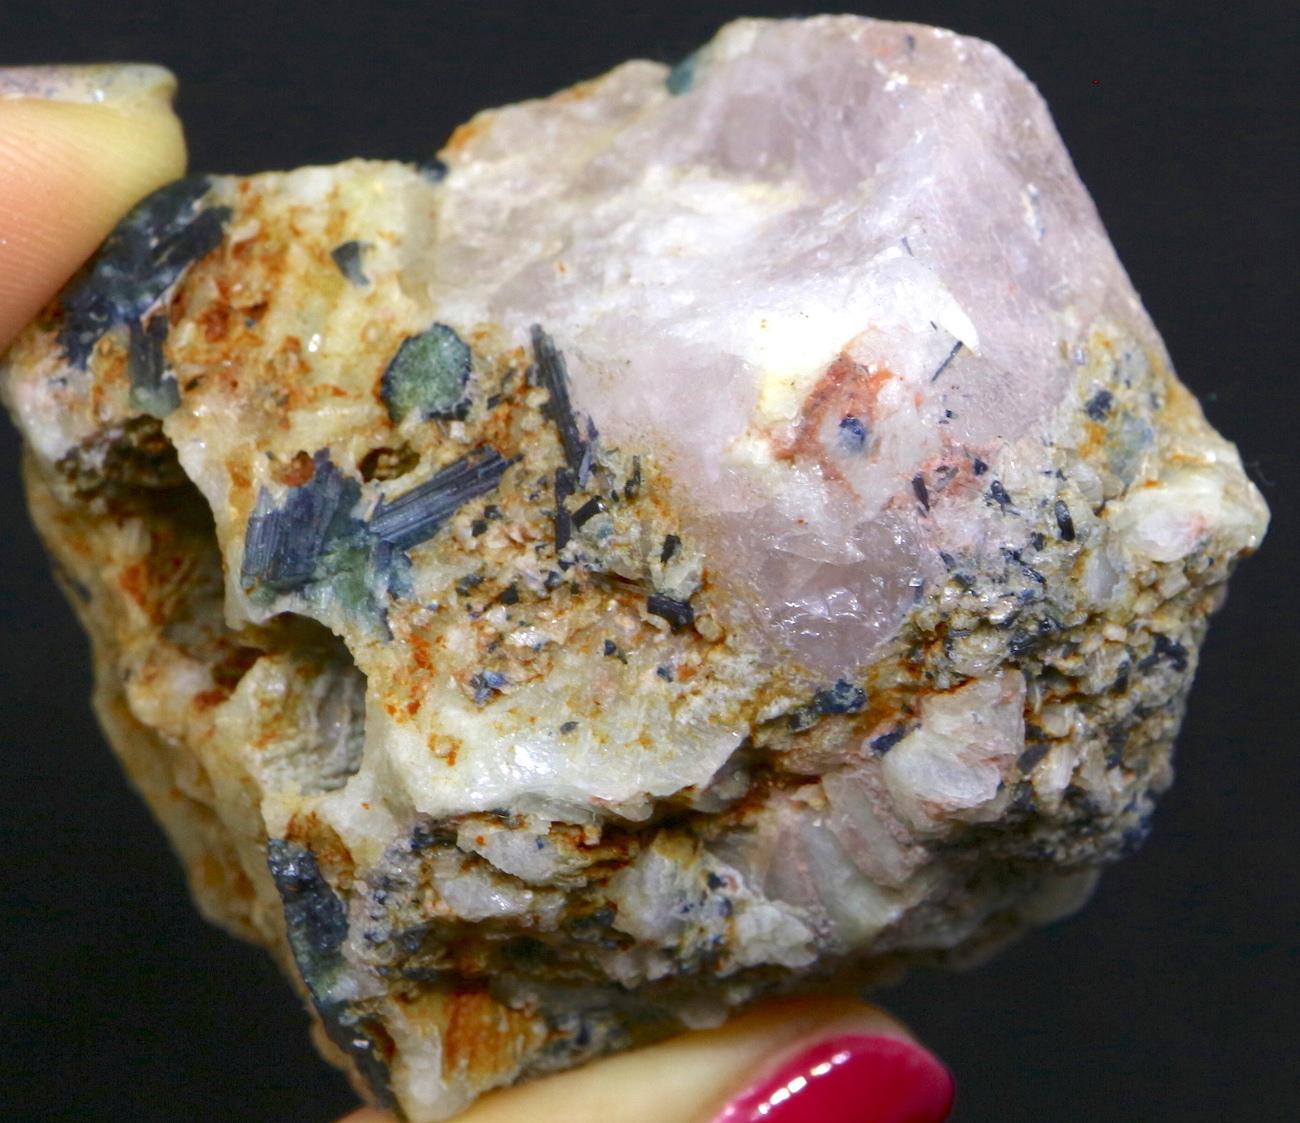 モルガナイト + トルマリン  107,9g 原石 天然 非加熱 モルガン石  MN011